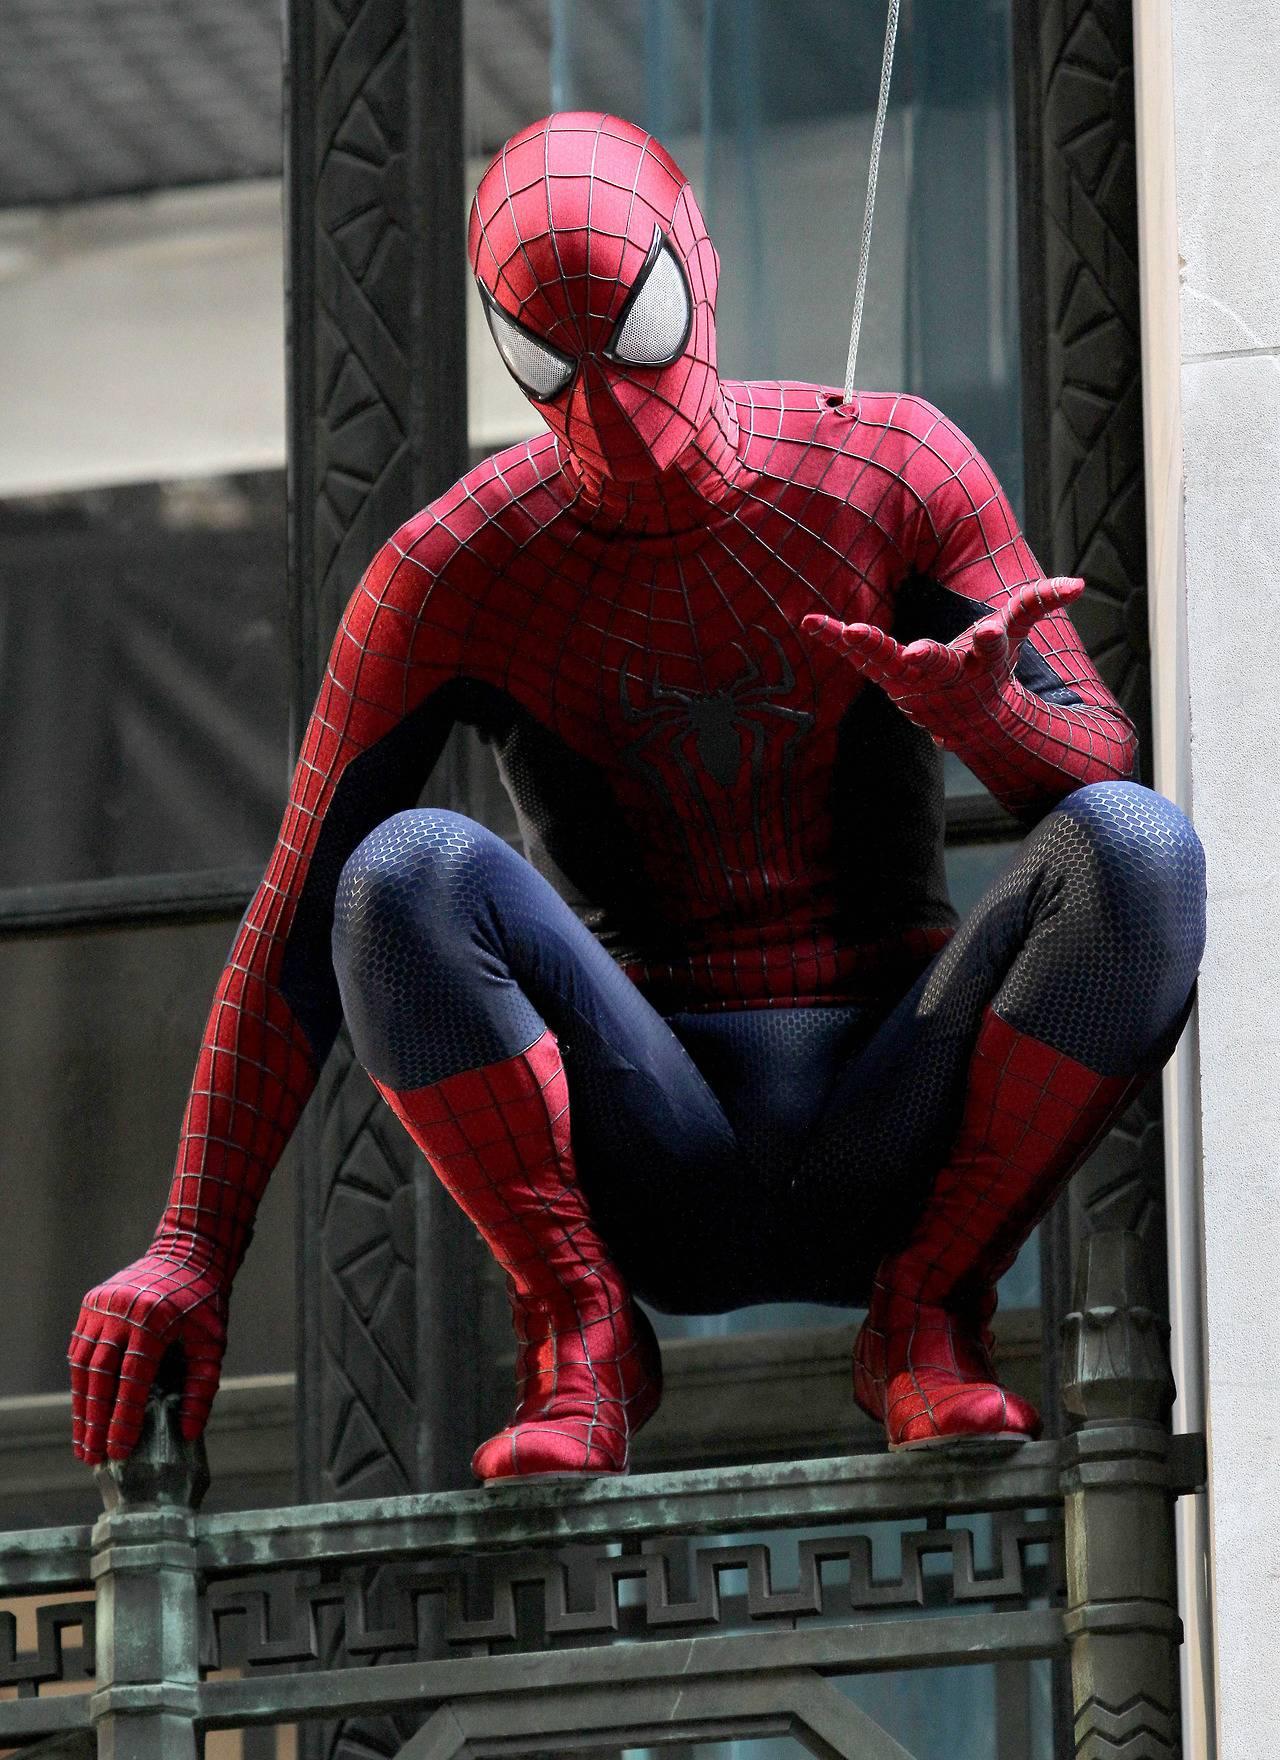 Spider-Man-2-set-photo.jpg